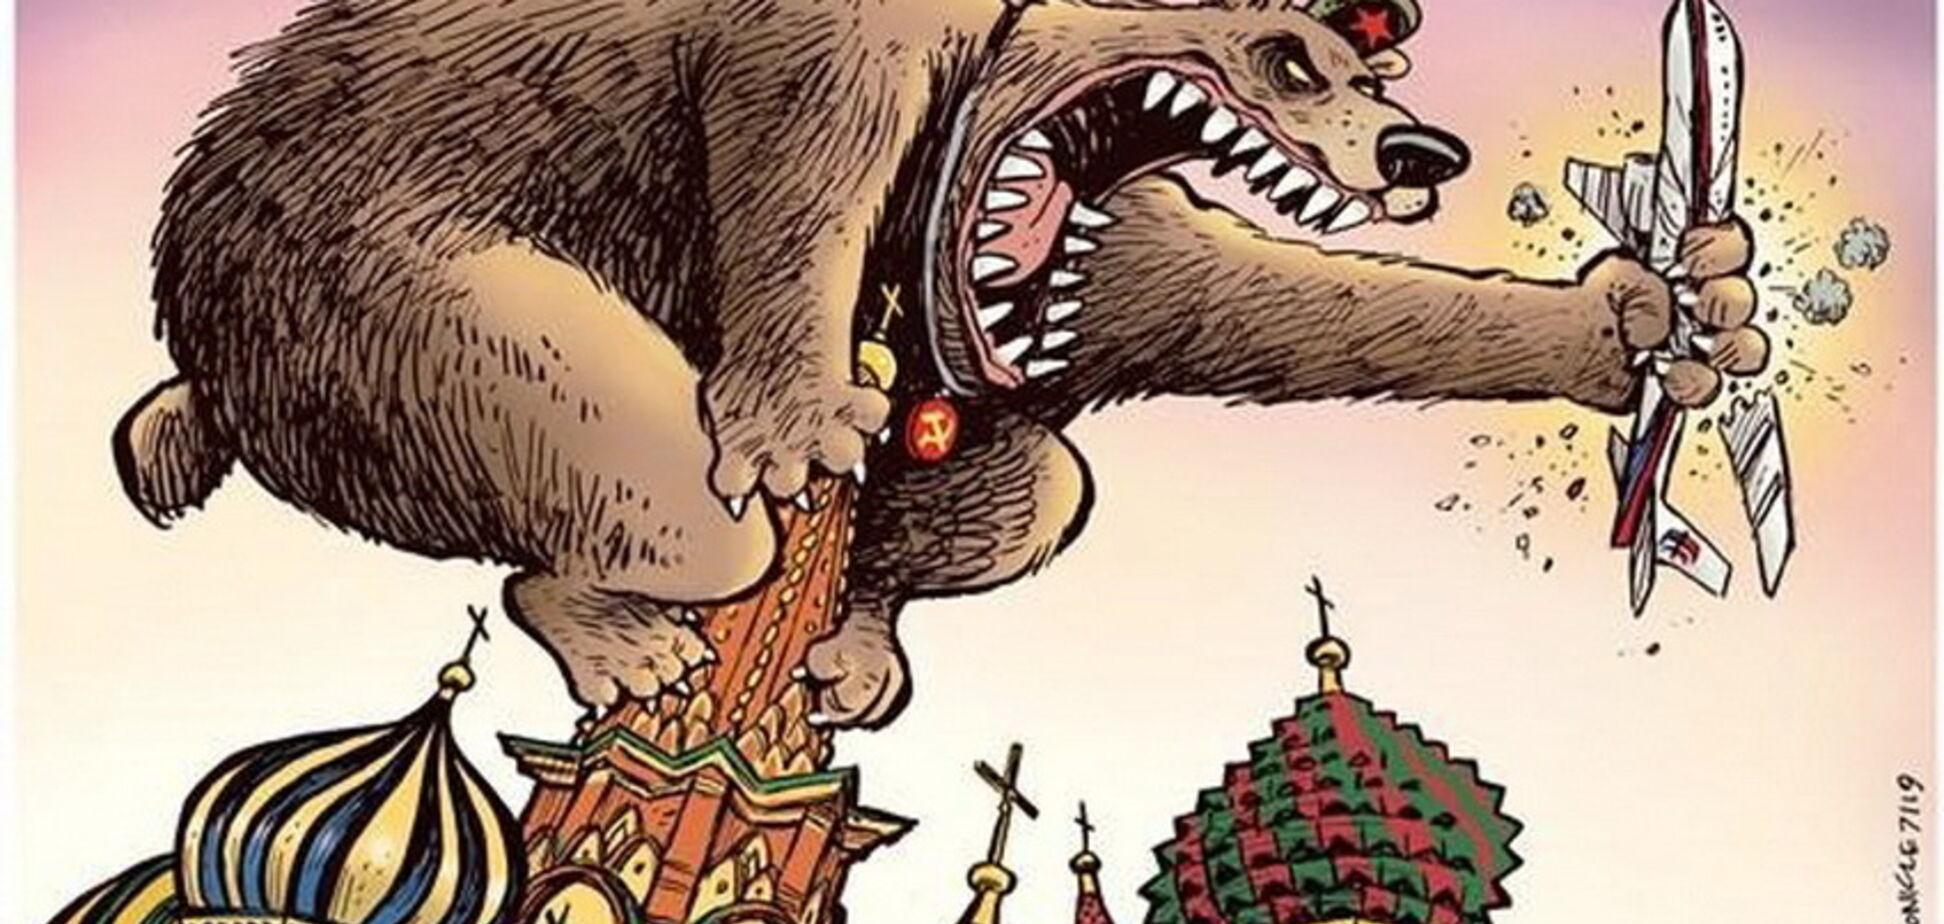 Поребрик News: в Госдуме РФ захотели 'принудить к миру' Украину